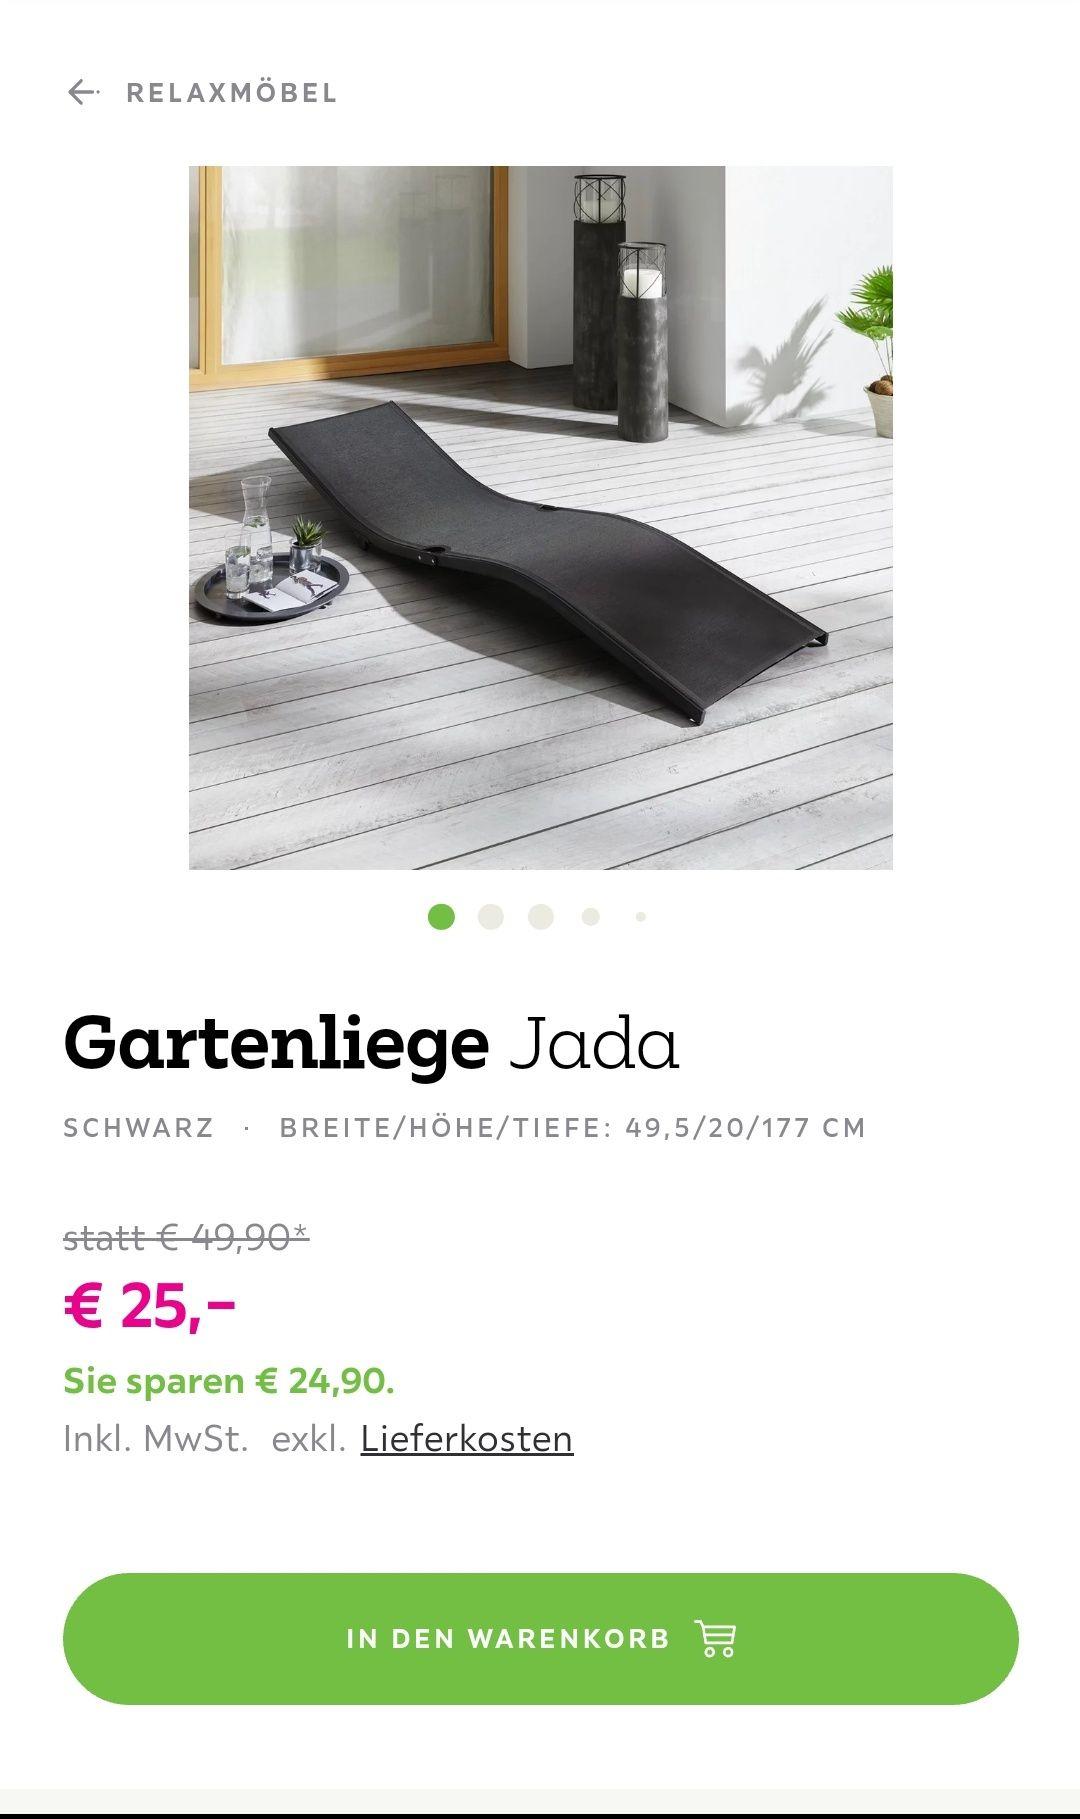 BESSAGI Garden GARTENLIEGE Jada (noch 20min gültig)